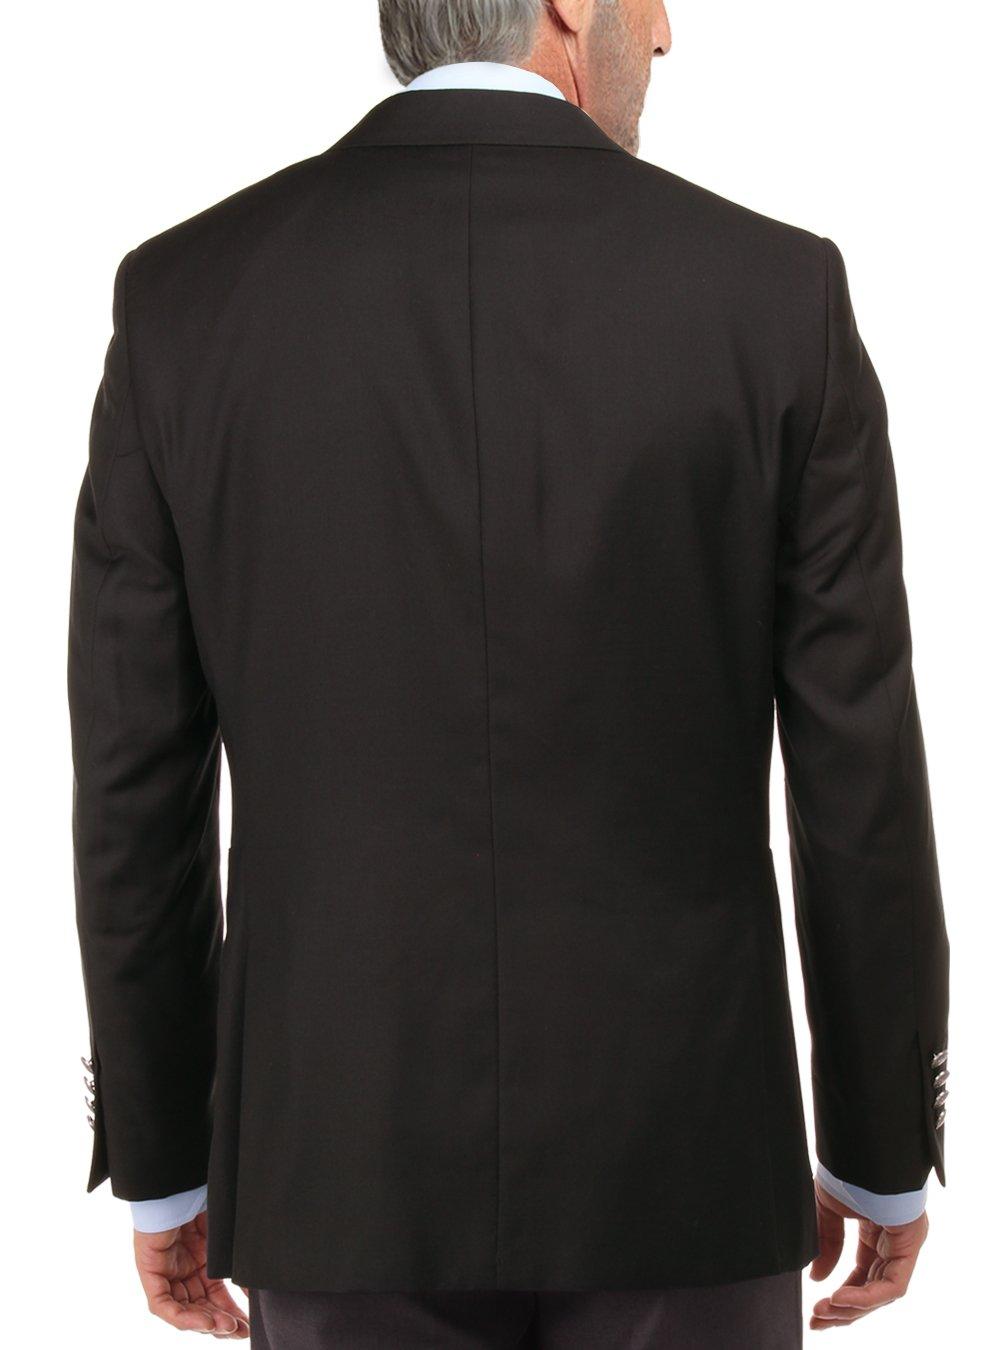 Salvatore Exte Men's 2 Button Suit Separate Jacket Sport Coat Blazer (42 Short US/52S EU,Black) by Salvatore Exte (Image #2)